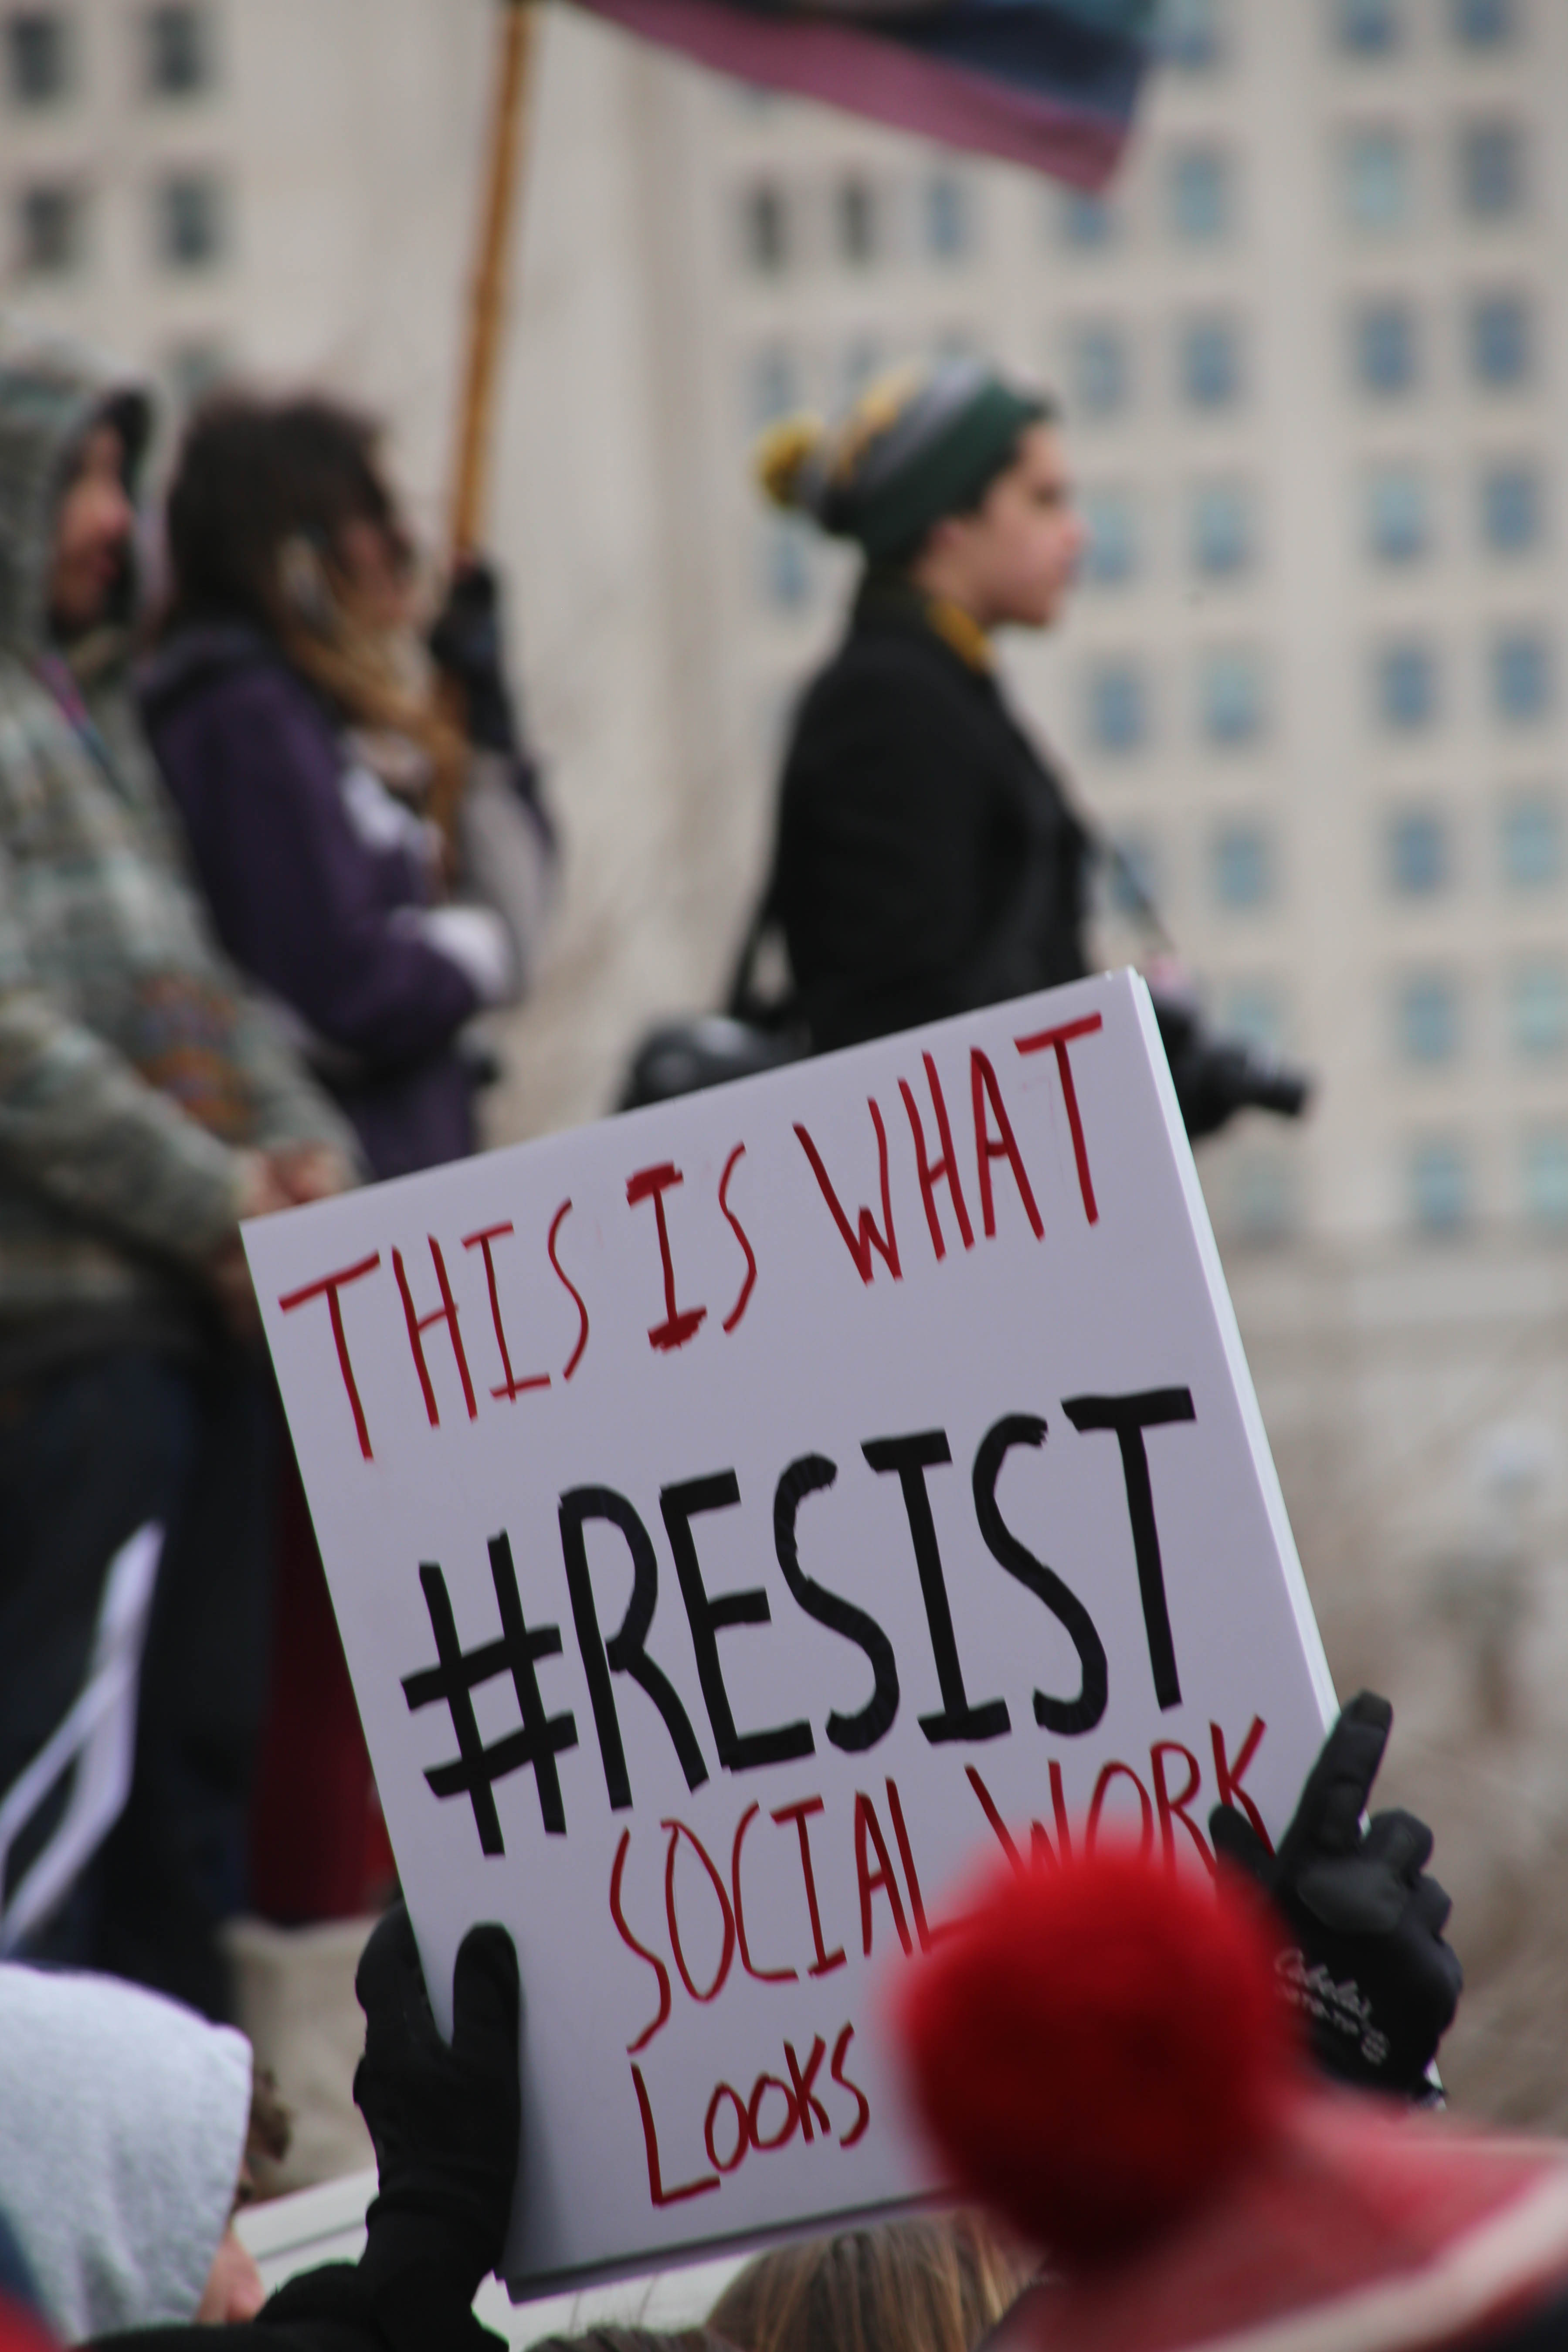 -Resist_%2832724976455%29.jpg: -Resist